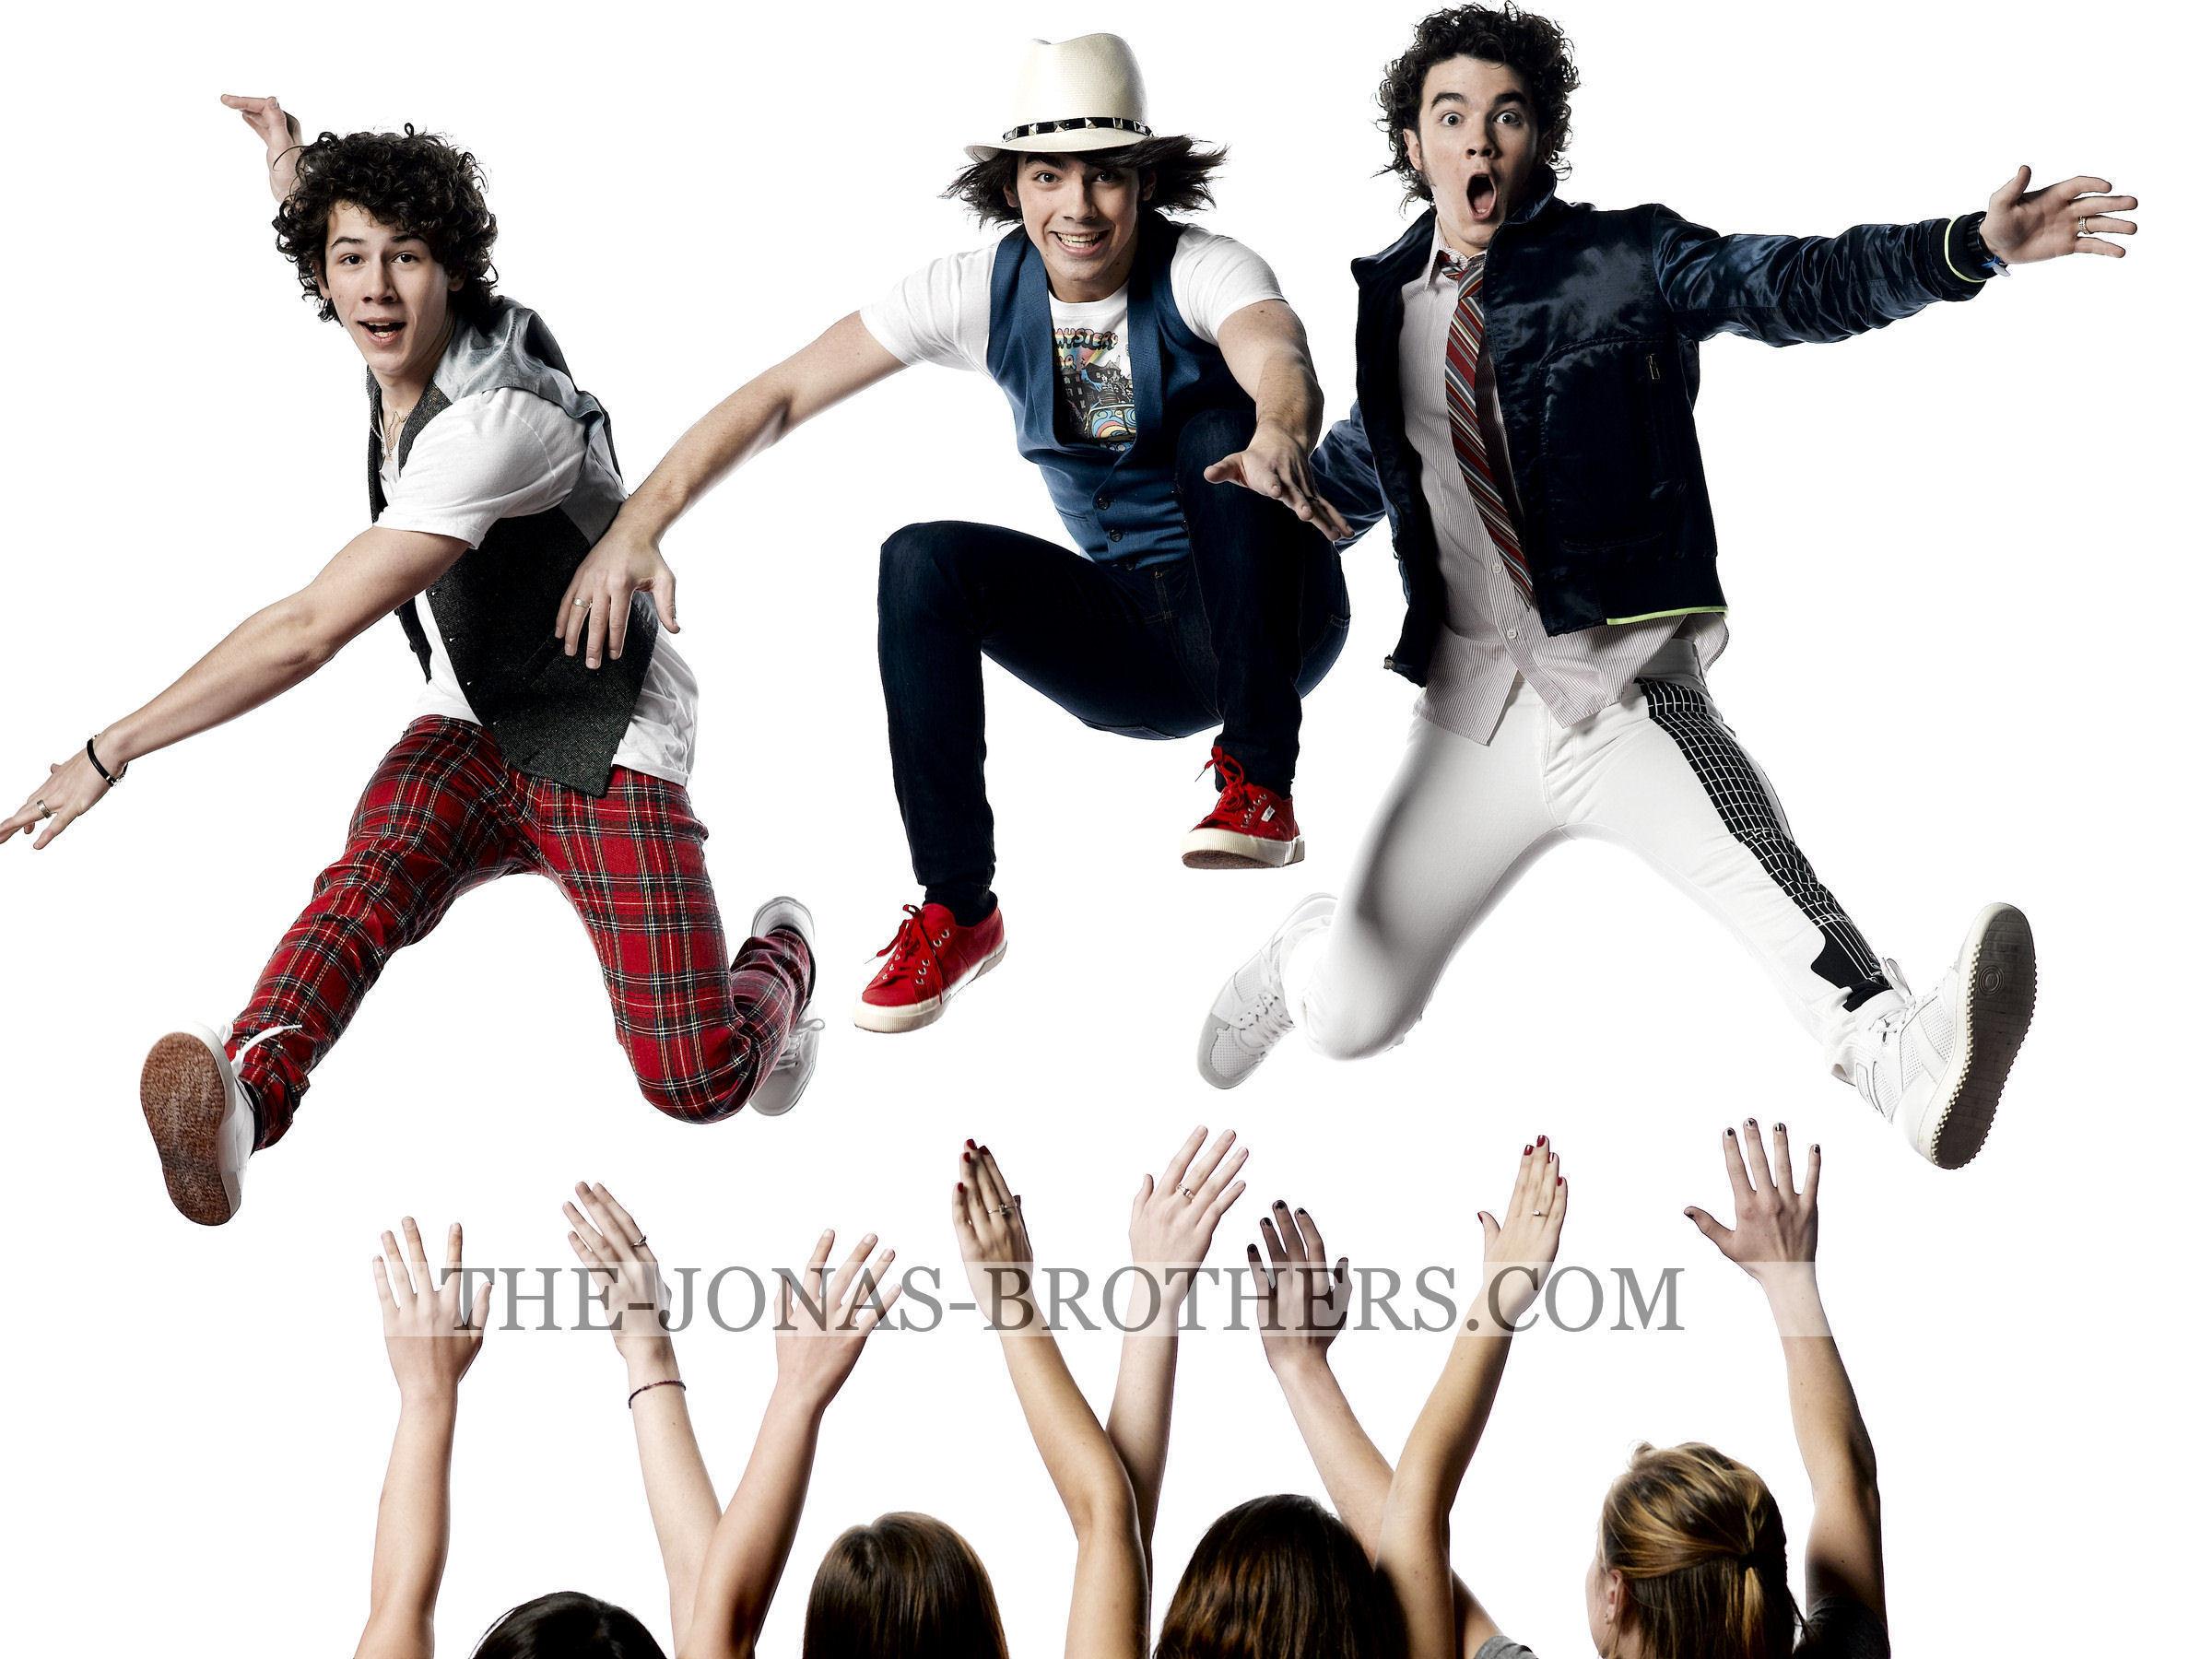 Jonas Brothers - The Jonas Brothers Wallpaper (3962113) - Fanpop: http://fanpop.com/spots/the-jonas-brothers/images/3962113/title/jonas-brothers-wallpaper